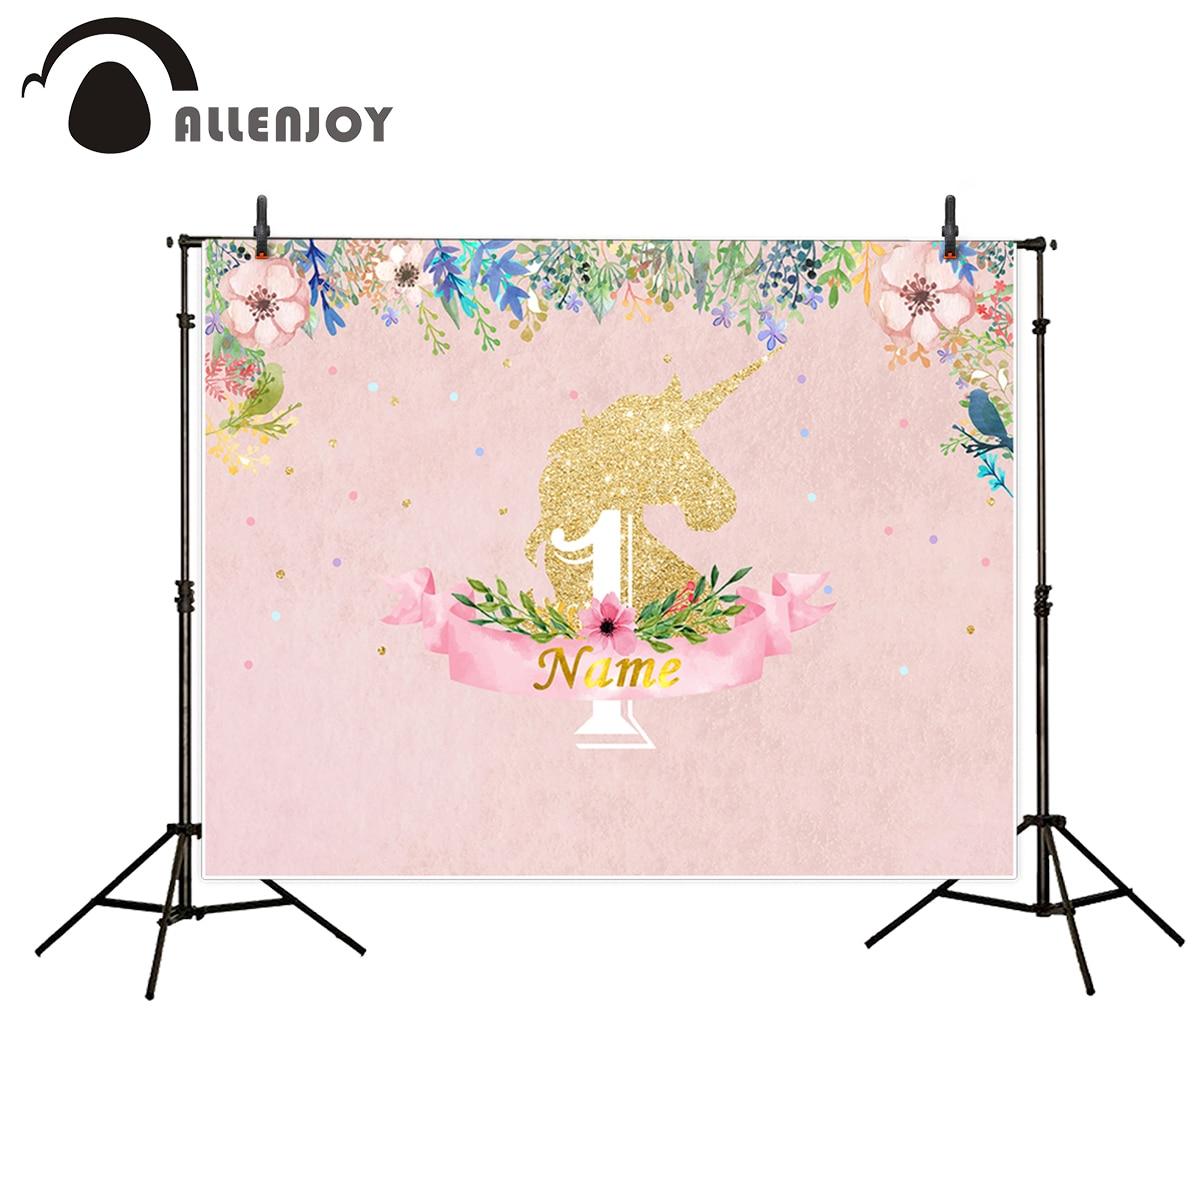 allenjoy photographie toile de fond licorne rose fleur d 39 anniversaire th me parti photobooth. Black Bedroom Furniture Sets. Home Design Ideas